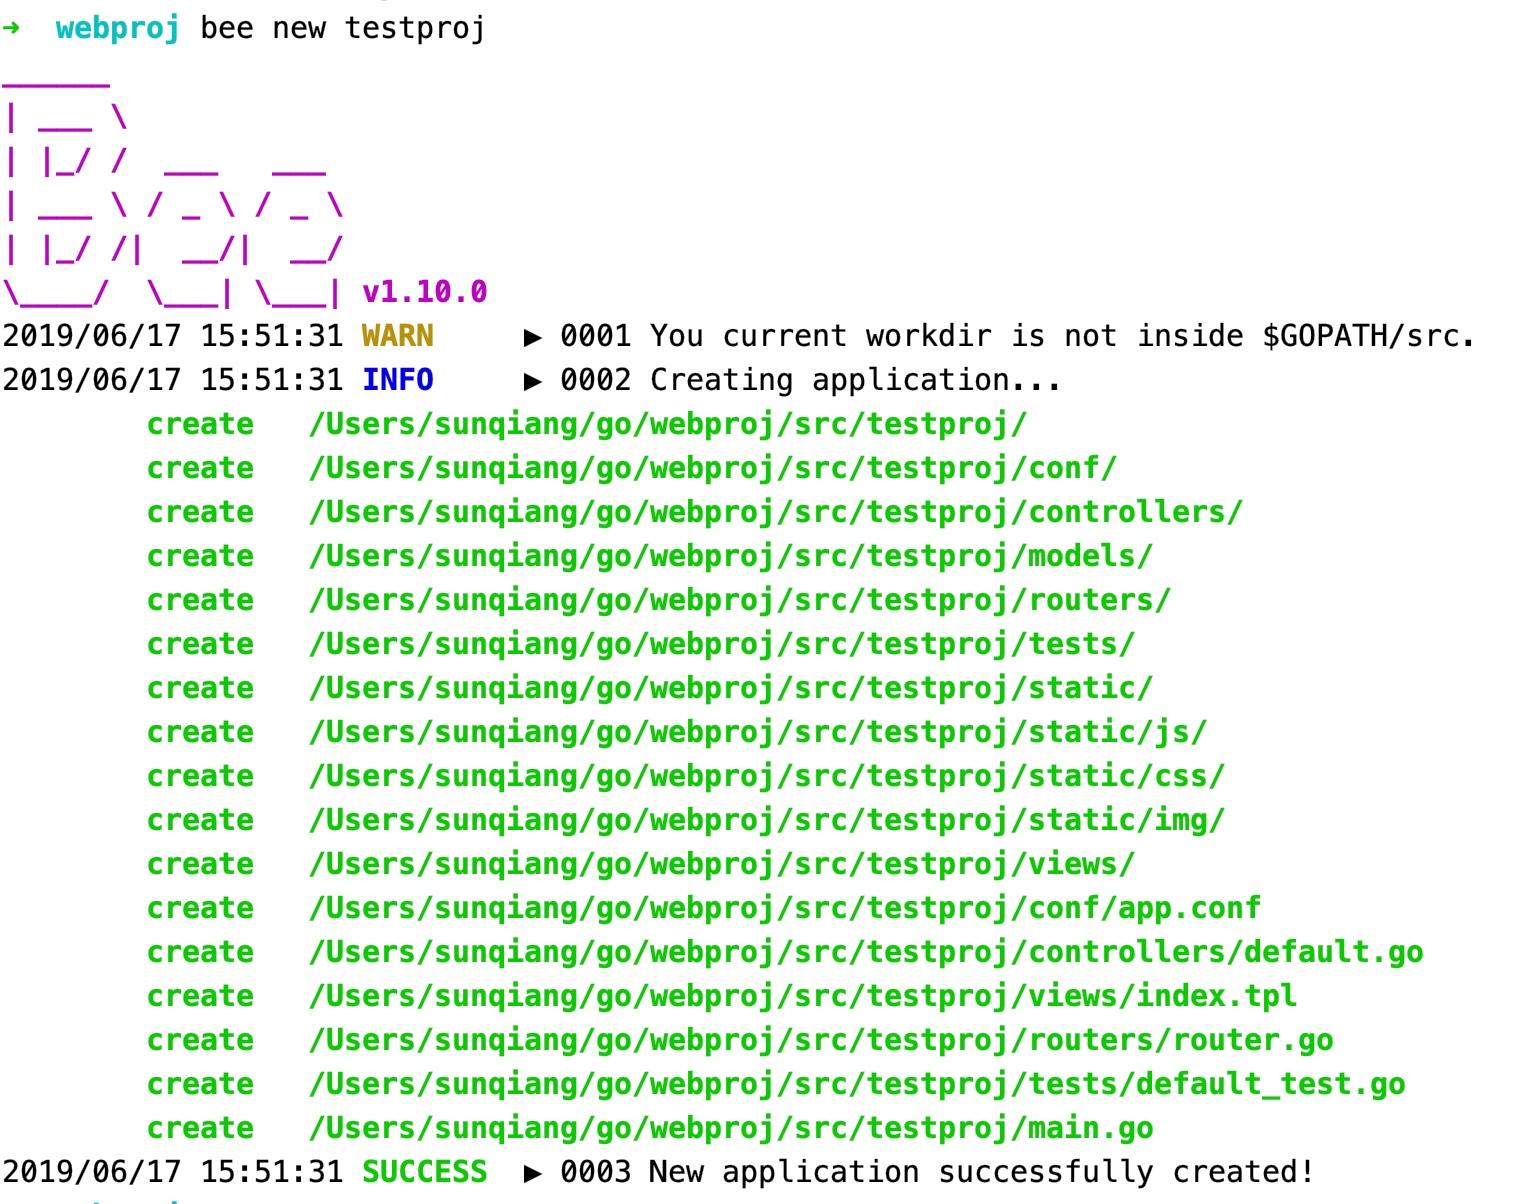 使用 Bee 创建 web 项目